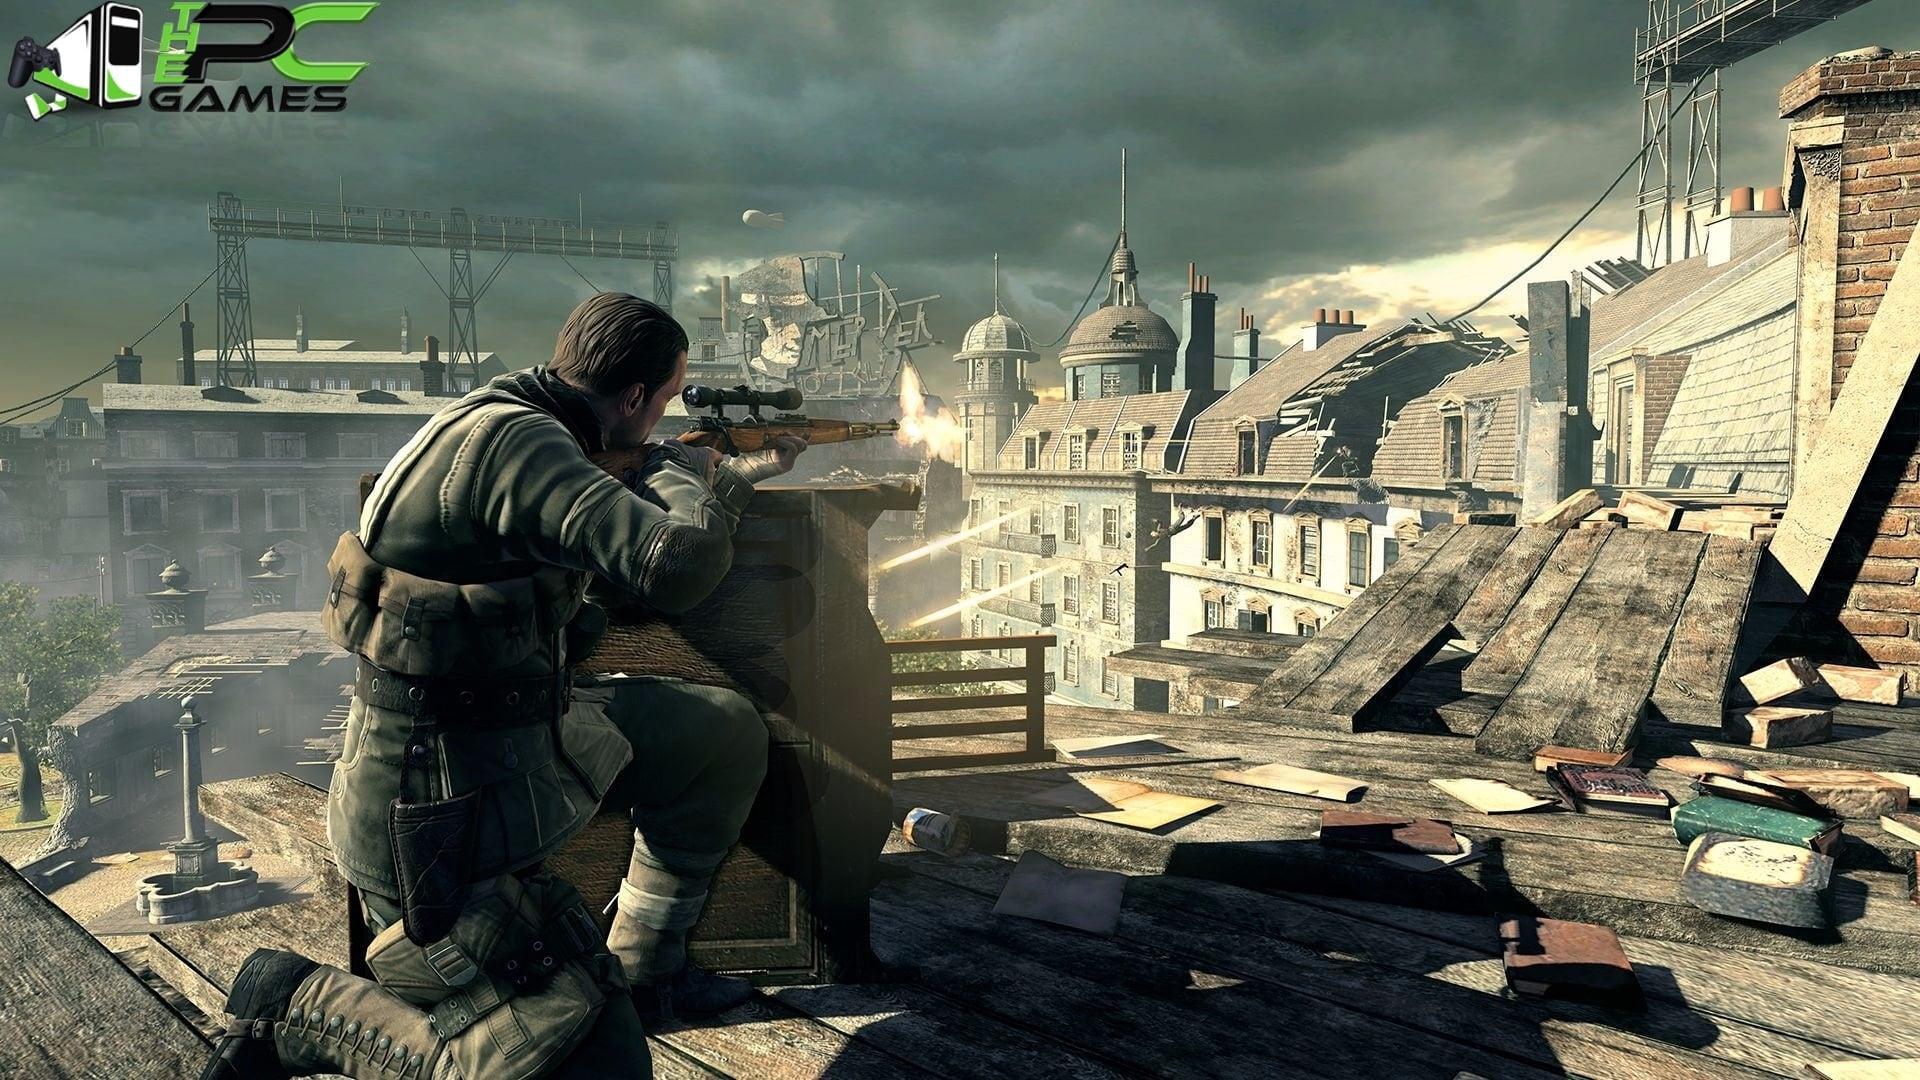 Ocean of games » sniper elite v2 free download.